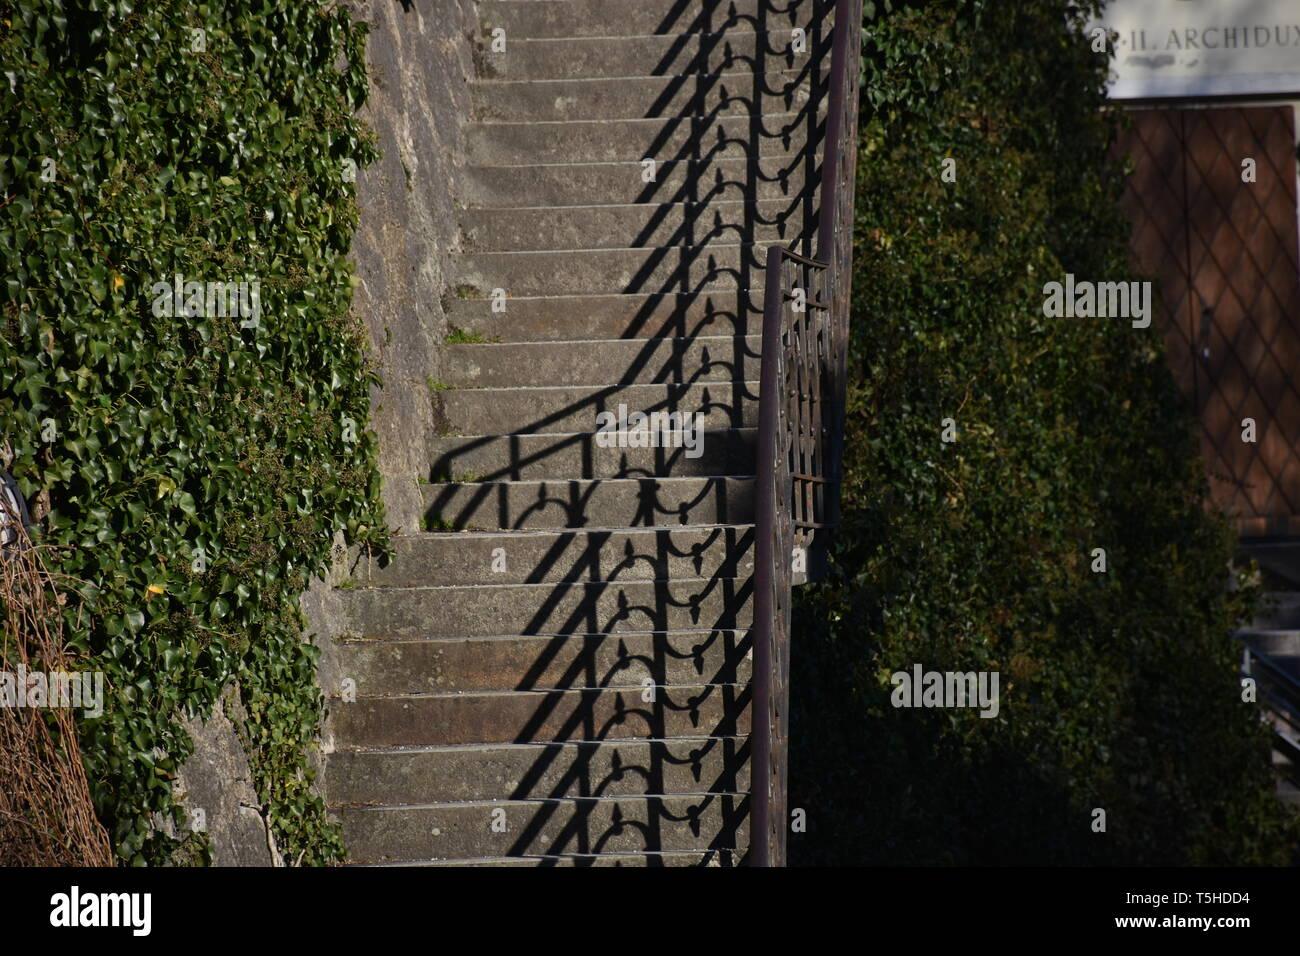 Stiege, Treppe, Stufen, Geländer, Freiluft, Schmiedeeisen, Beton, Stein, verwachsen, Buch, Kletterpflanze, Strauch, Park, Schlosspark, Ambras, Schloss - Stock Image